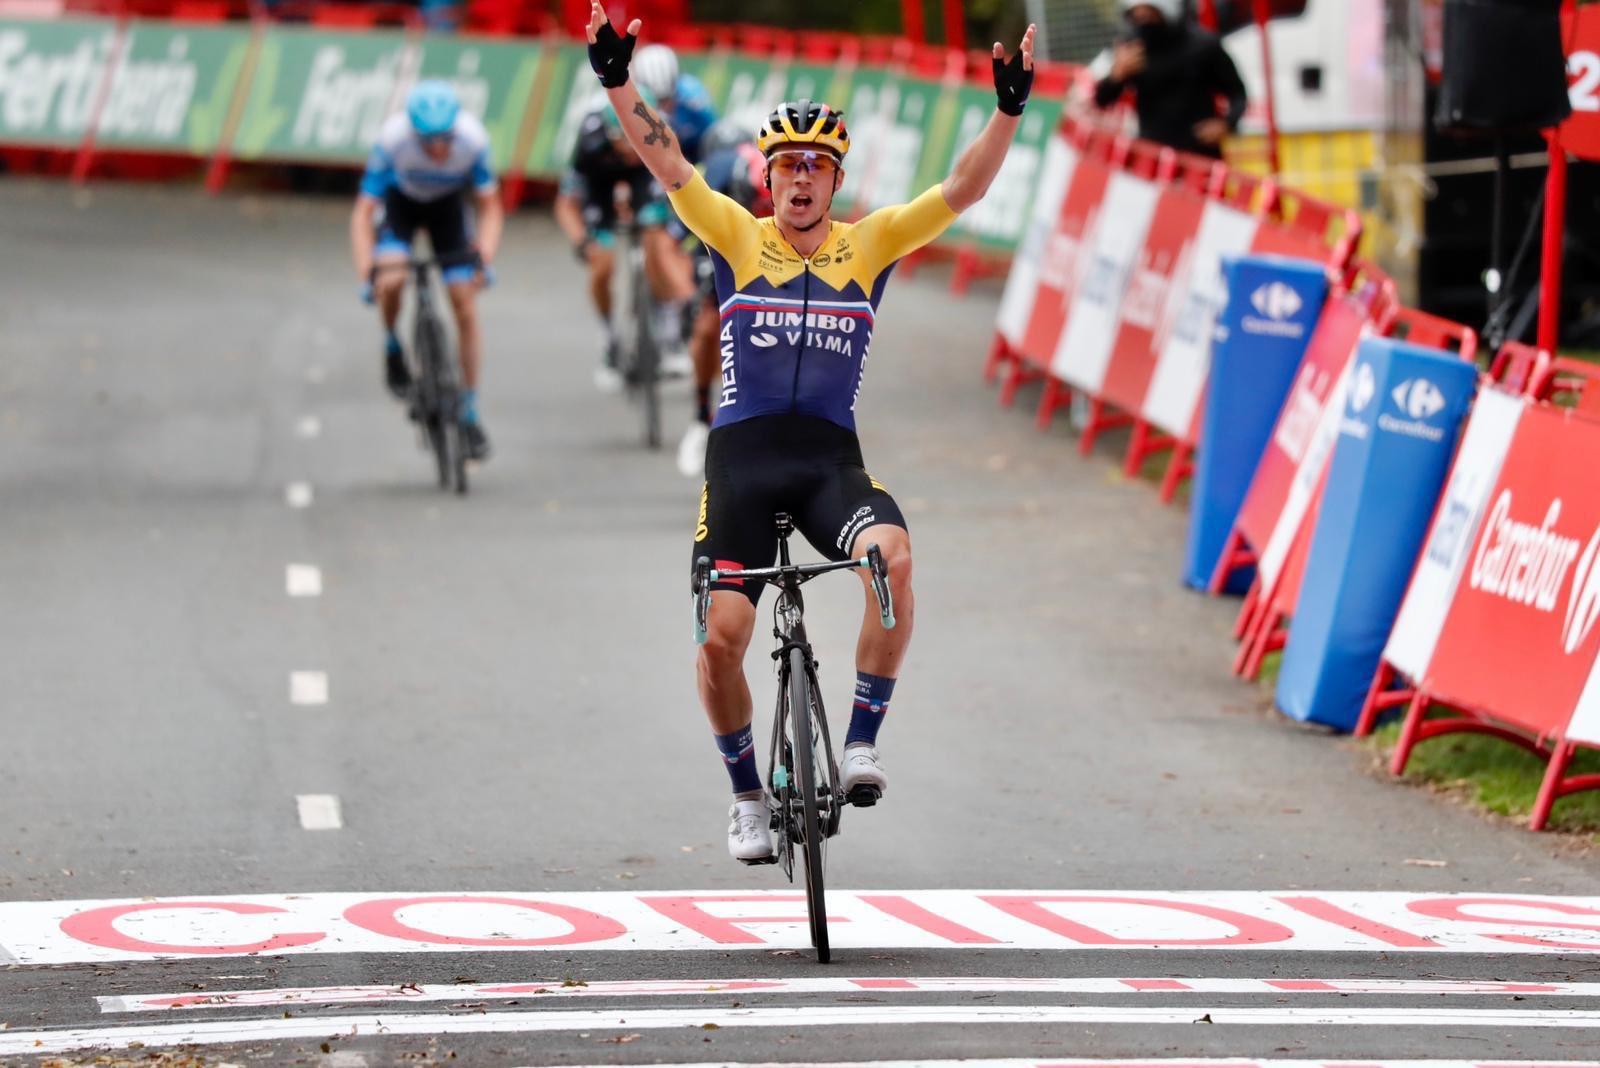 Primoz Roglic primer líder de la Vuelta a España | Internacional | Deportes | EL FRENTE